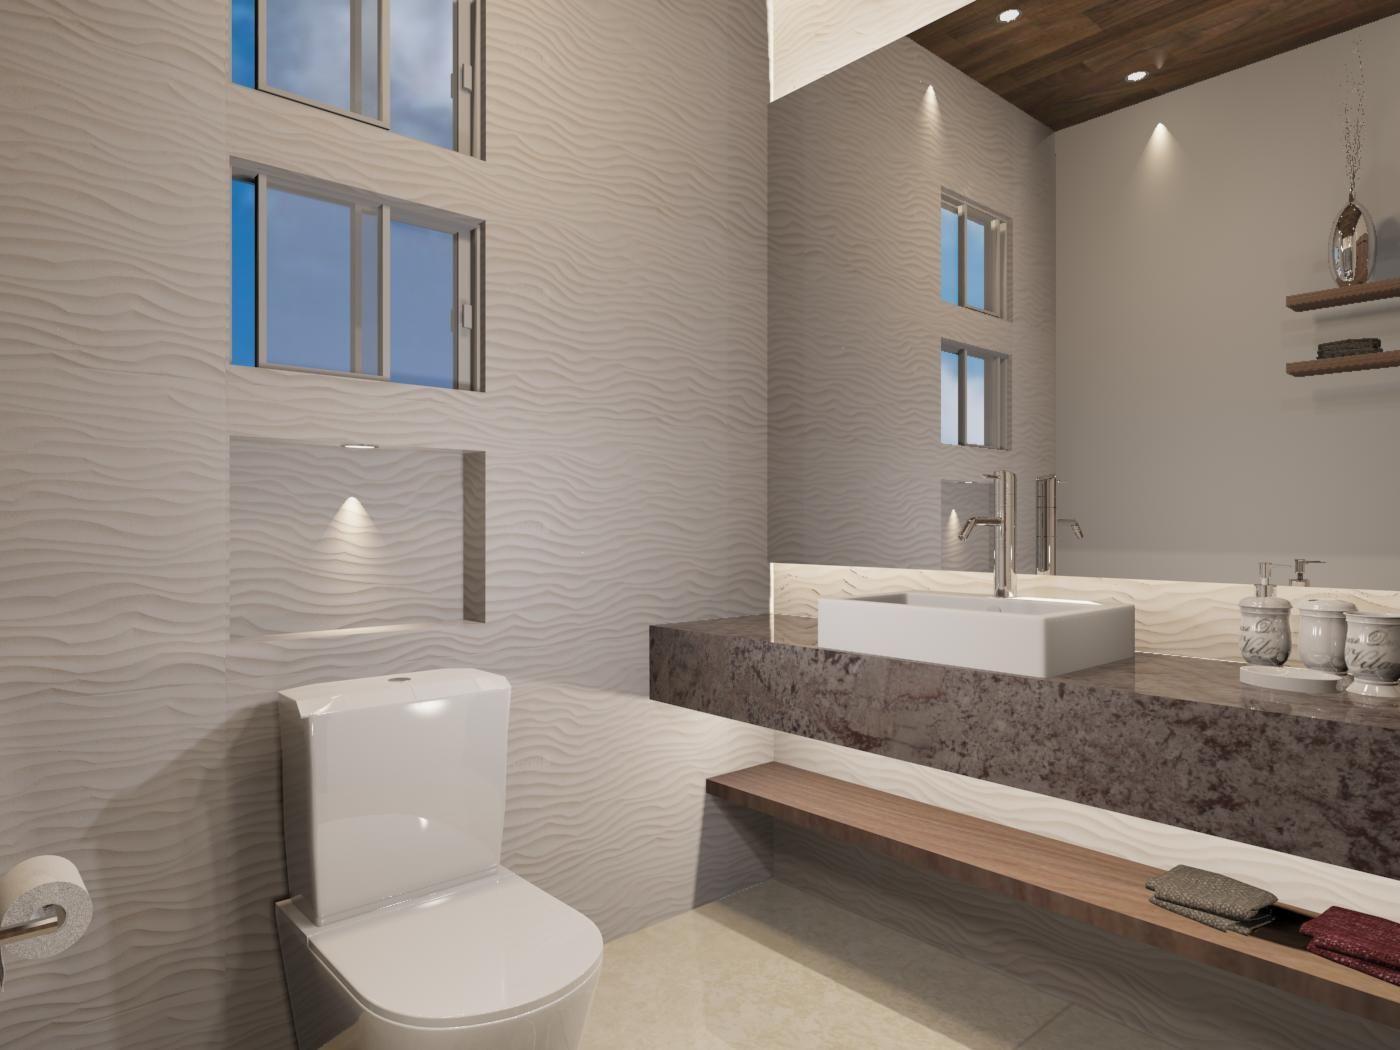 Baño de visitas de estilo contemporáneo. Materiales utilizados ...